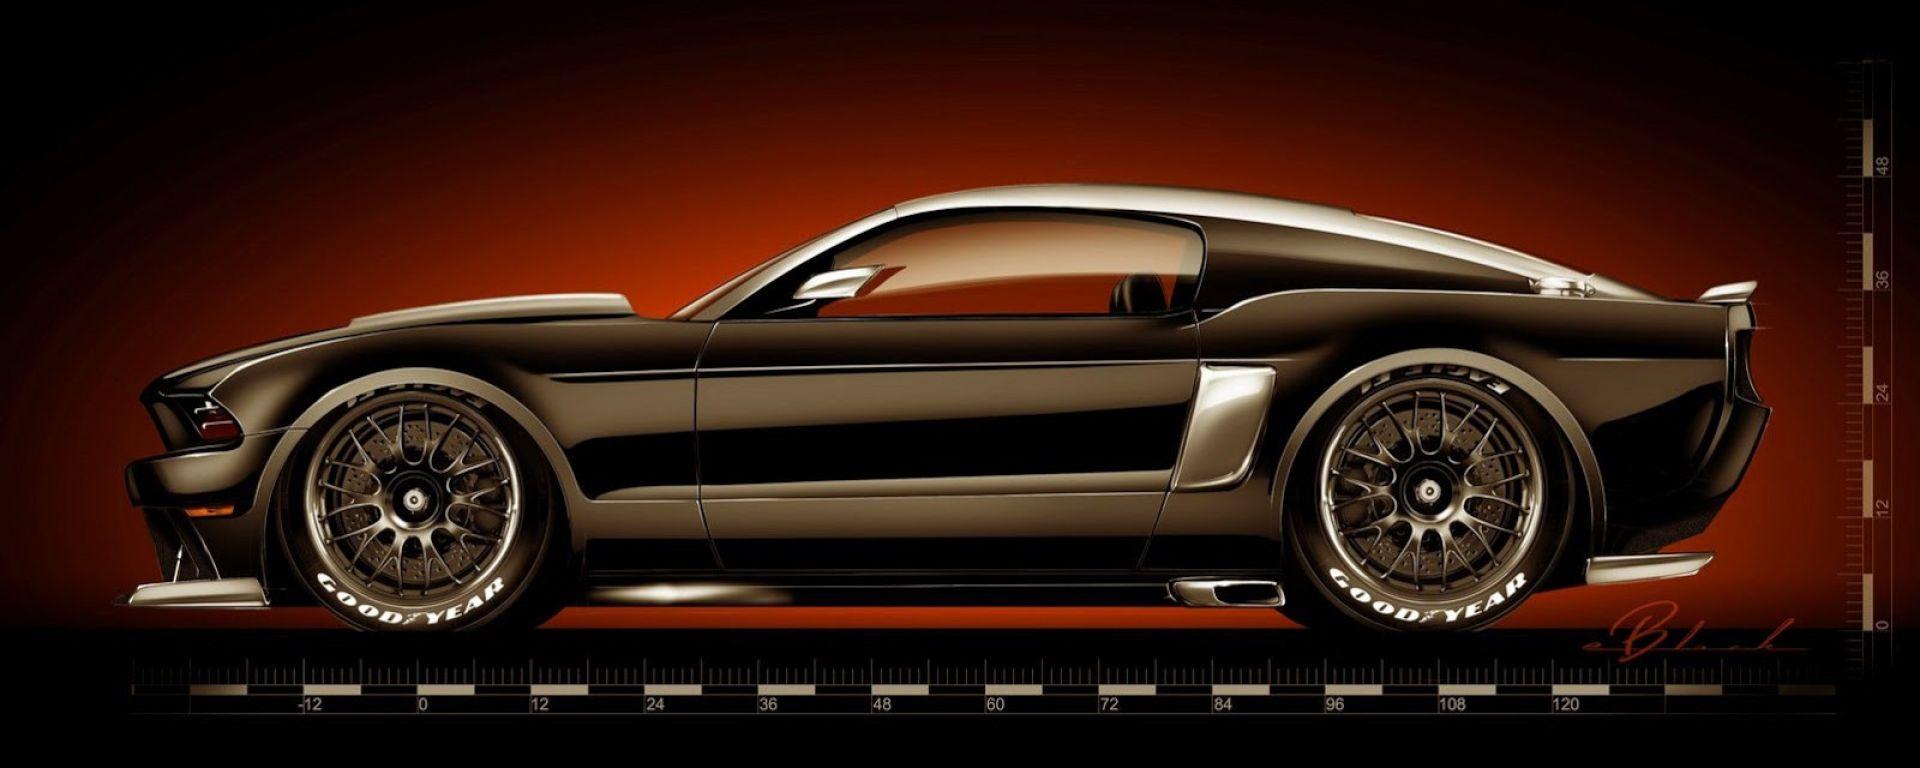 Ford: 57 concept per il SEMA 2013